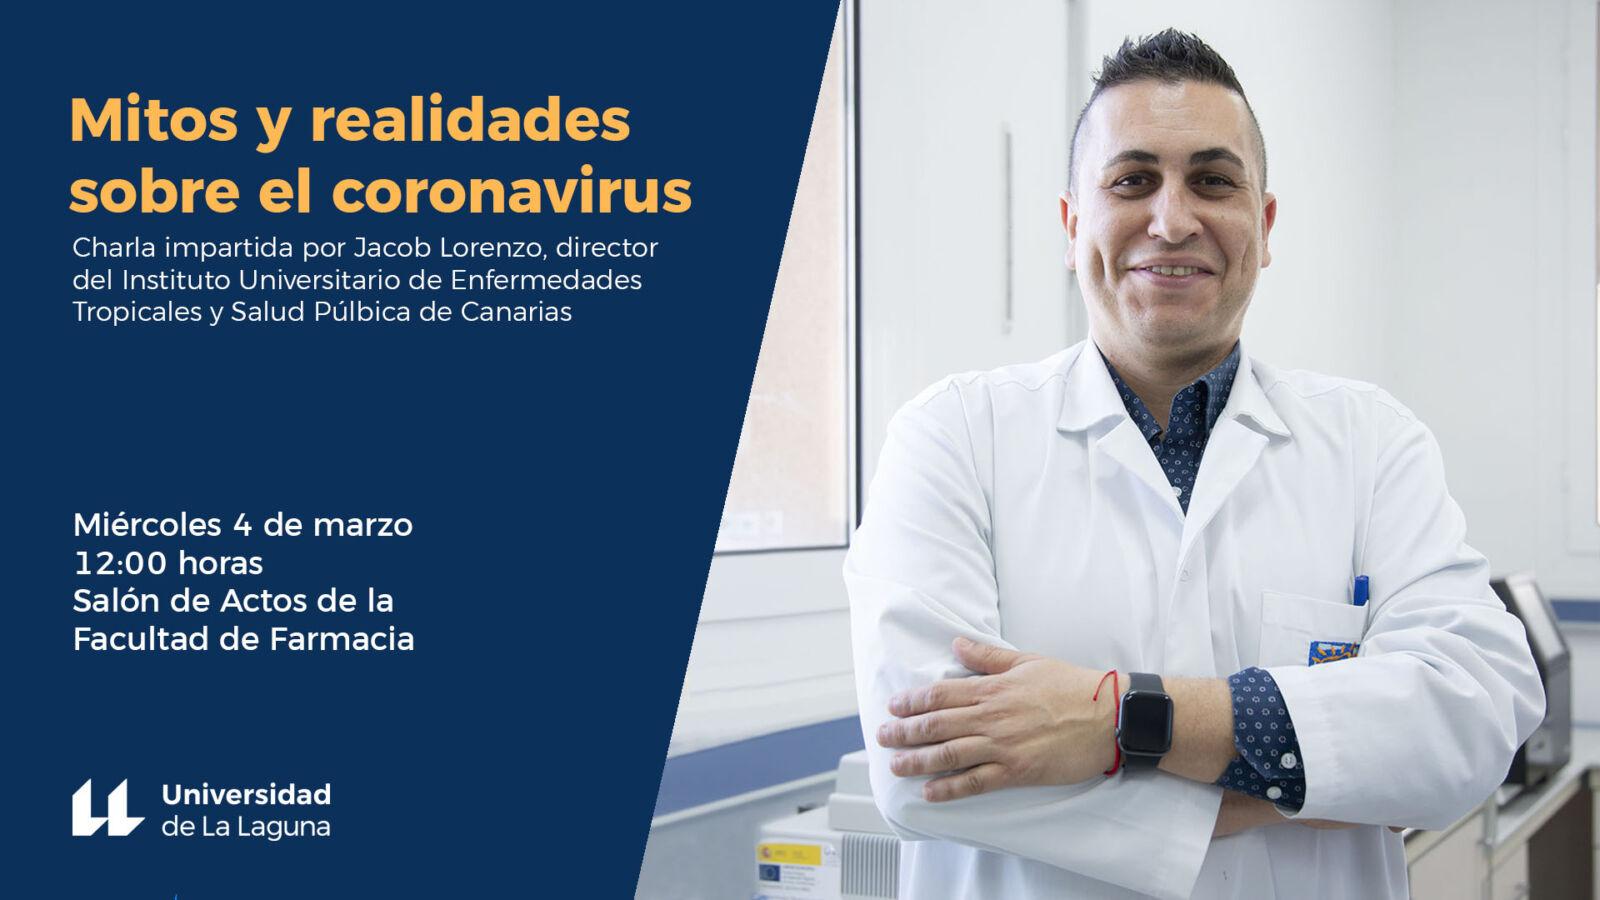 La ULL organiza una charla divulgativa para aclarar mitos y realidades sobre el coronavirus